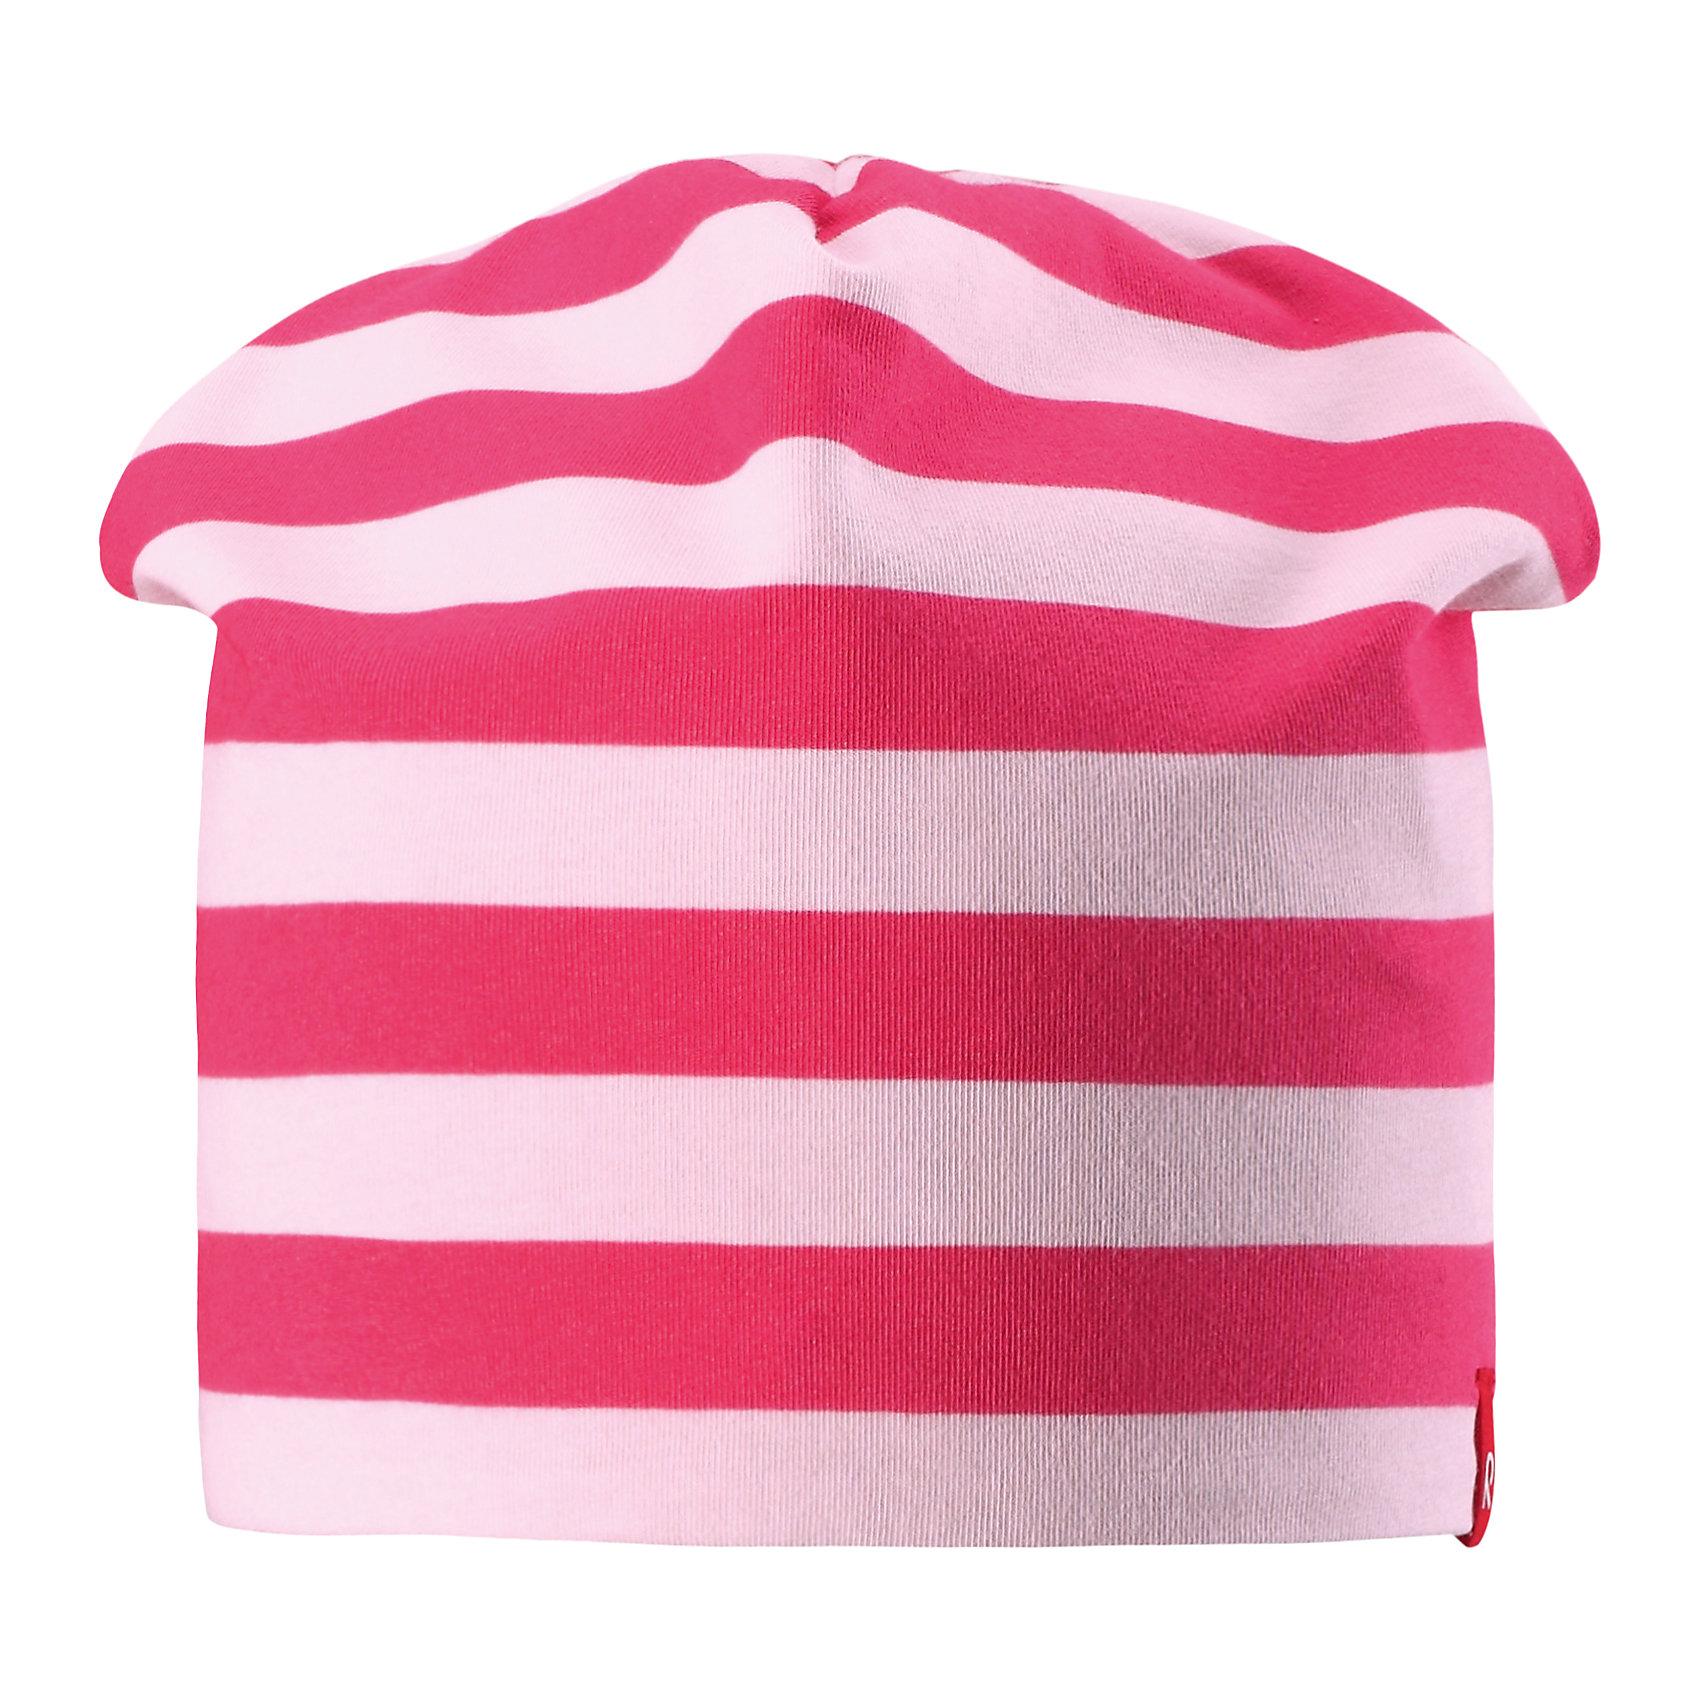 Шапка для девочки ReimaХарактеристики товара:<br><br>• цвет: розовый/светло-розовый<br>• быстросохнущий материал<br>• состав: 65% хлопок, 30% полиэстер, 5% эластан<br>• температурный режим: от +5°до +15°С<br>• эластичный материал<br>• сплошная подкладка: влаговыводящий трикотаж<br>• двухсторонняя<br>• отводящий влагу материал Play Jersey<br>• декоративный логотип<br>• фактор защиты от ультрафиолета: 40+<br>• комфортная посадка<br>• страна производства: Китай<br>• страна бренда: Финляндия<br>• коллекция: весна-лето 2017<br><br>Детский головной убор может быть модным и удобным одновременно! Стильная шапка поможет обеспечить ребенку комфорт и дополнить наряд. Она отлично смотрится с различной одеждой. Шапка удобно сидит и аккуратно выглядит. Проста в уходе, долго служит. Стильный дизайн разрабатывался специально для детей. Отличная защита от солнца!<br><br>Одежда и обувь от финского бренда Reima пользуется популярностью во многих странах. Эти изделия стильные, качественные и удобные. Для производства продукции используются только безопасные, проверенные материалы и фурнитура. Порадуйте ребенка модными и красивыми вещами от Reima! <br><br>Шапку для мальчика от финского бренда Reima (Рейма) можно купить в нашем интернет-магазине.<br><br>Ширина мм: 89<br>Глубина мм: 117<br>Высота мм: 44<br>Вес г: 155<br>Цвет: розовый<br>Возраст от месяцев: 48<br>Возраст до месяцев: 84<br>Пол: Женский<br>Возраст: Детский<br>Размер: 54,50<br>SKU: 5267919